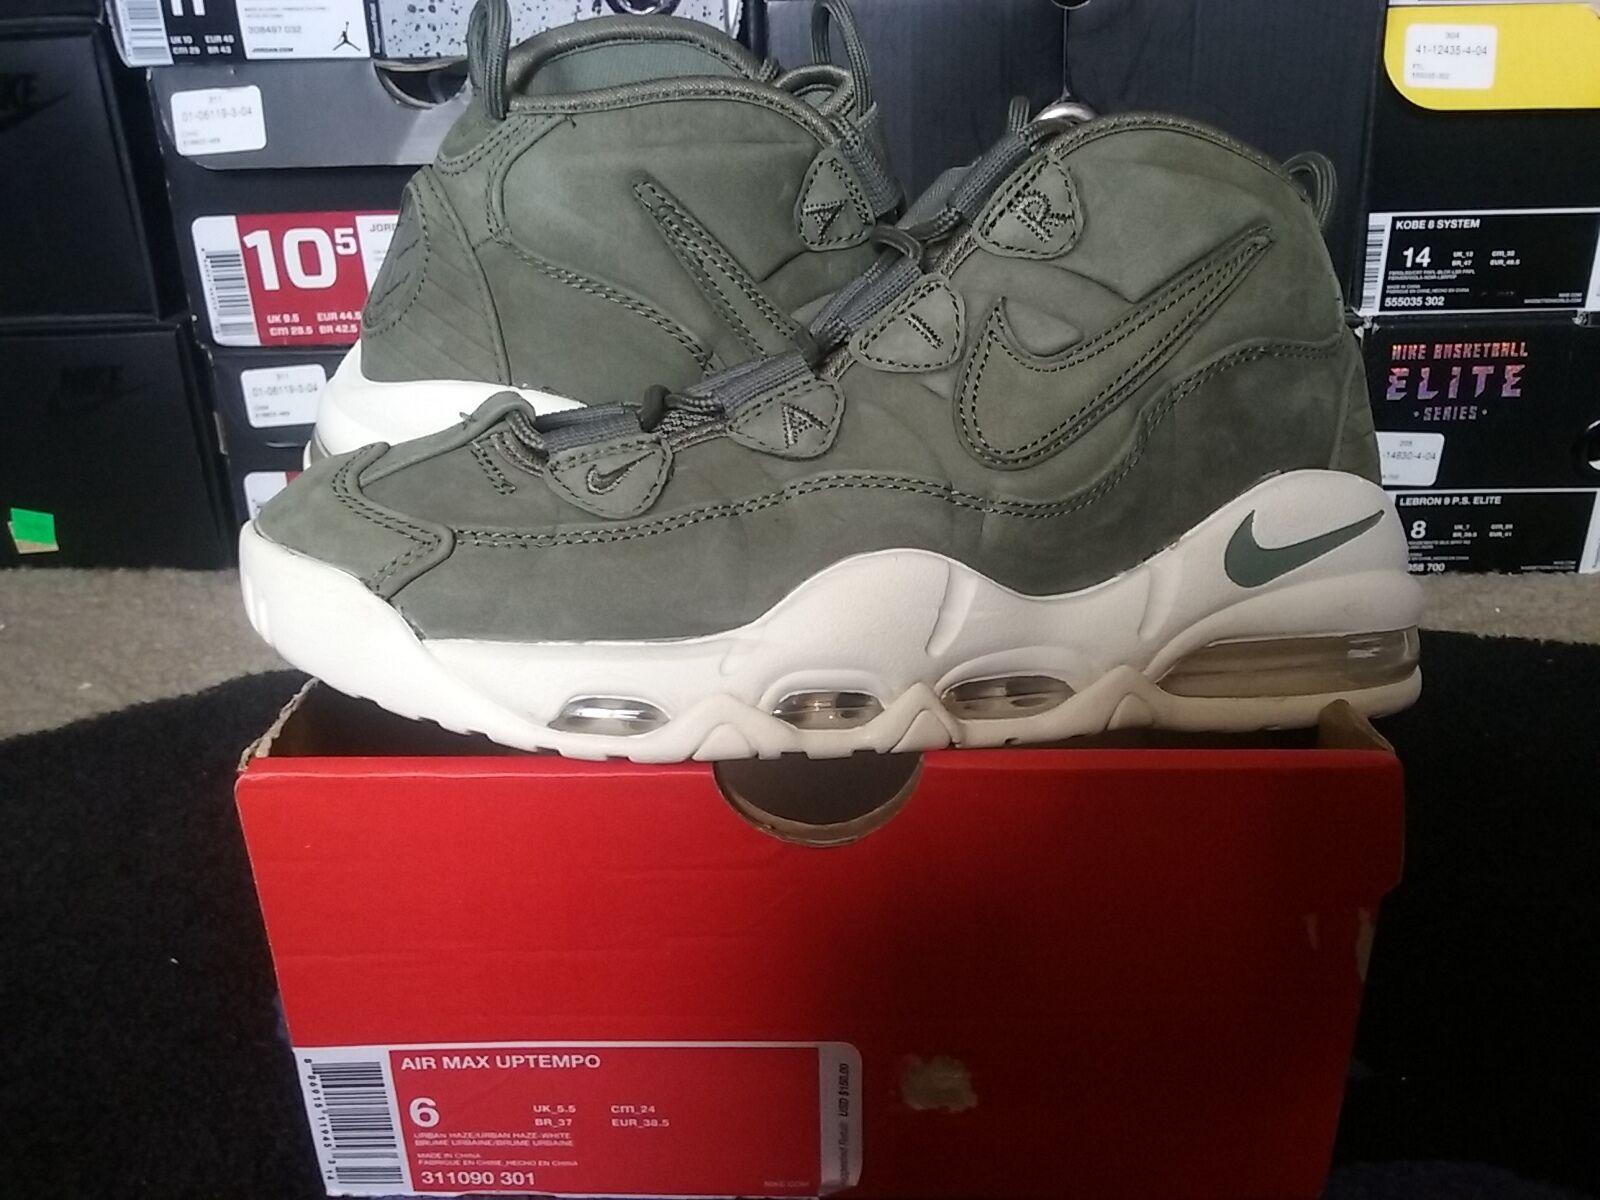 Nike Air Max Uptempo Tempo Retro Urban Haze White Olive Green Pippen 311090 301